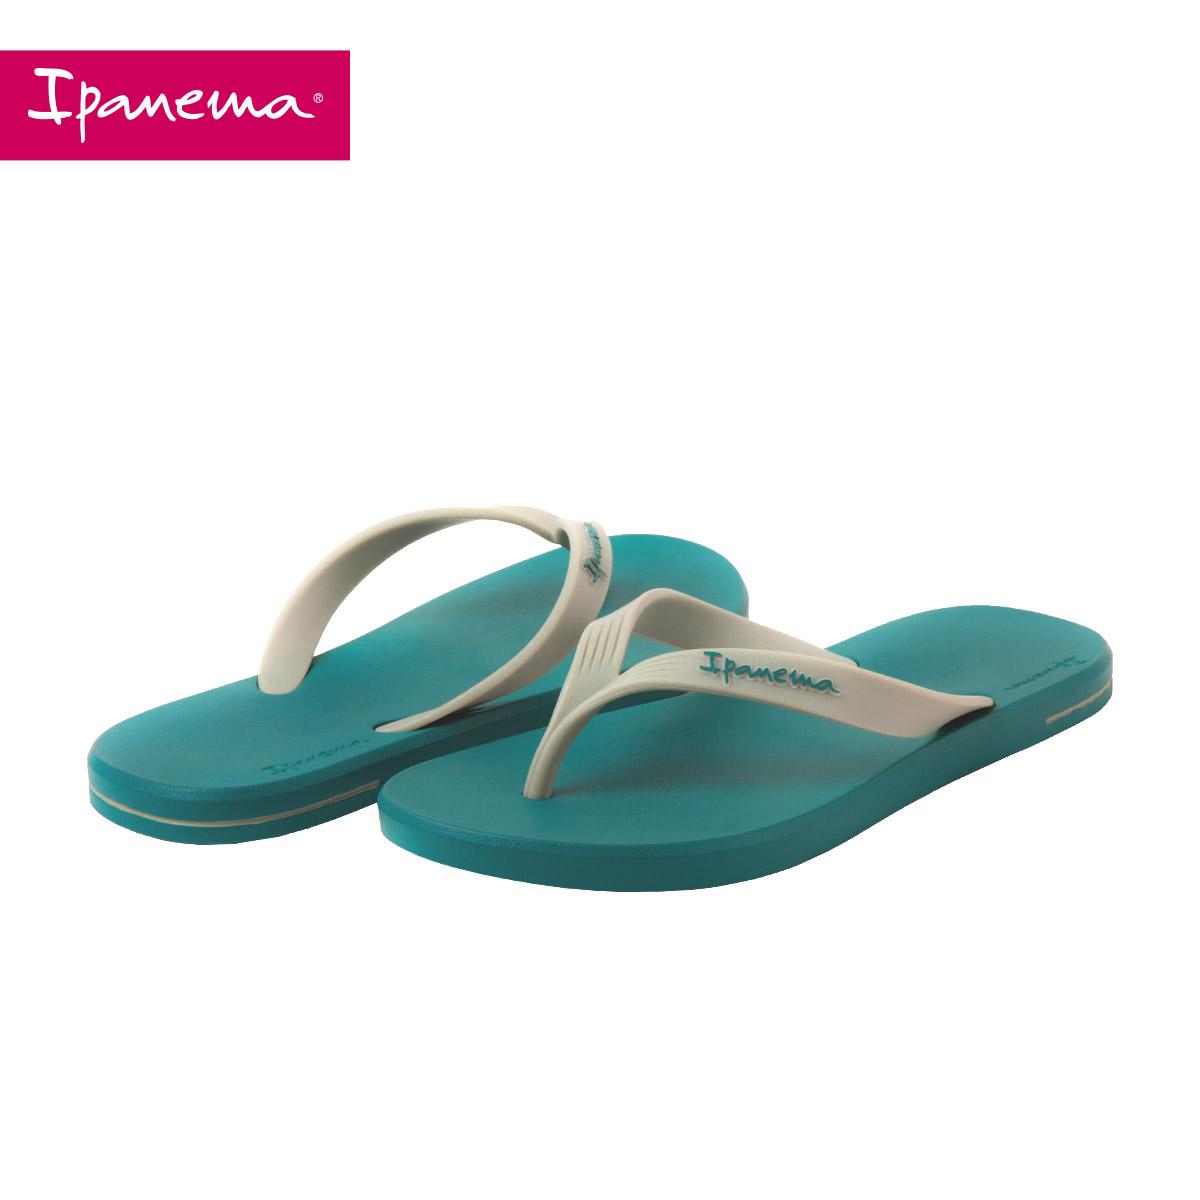 新款夏男士纯色人字拖平底拖鞋外穿凉拖鞋 2018 巴西 Ipanema